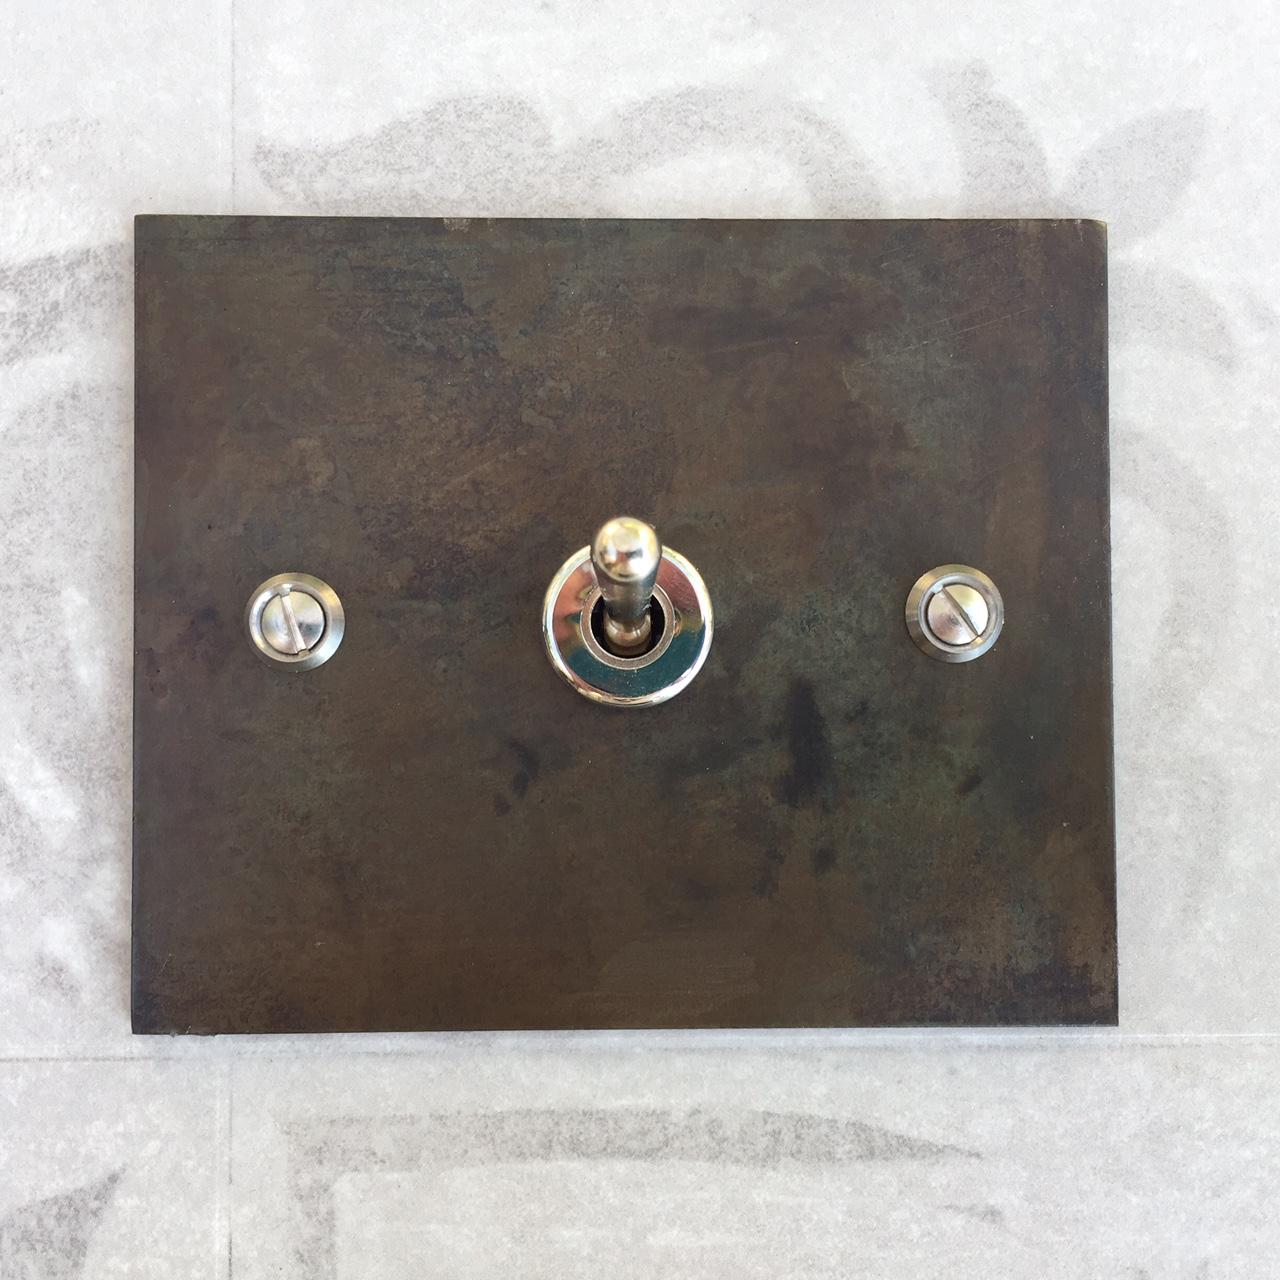 poussoir acier rectangle interrupteurs et prises au design r tro pour une d co vintage. Black Bedroom Furniture Sets. Home Design Ideas